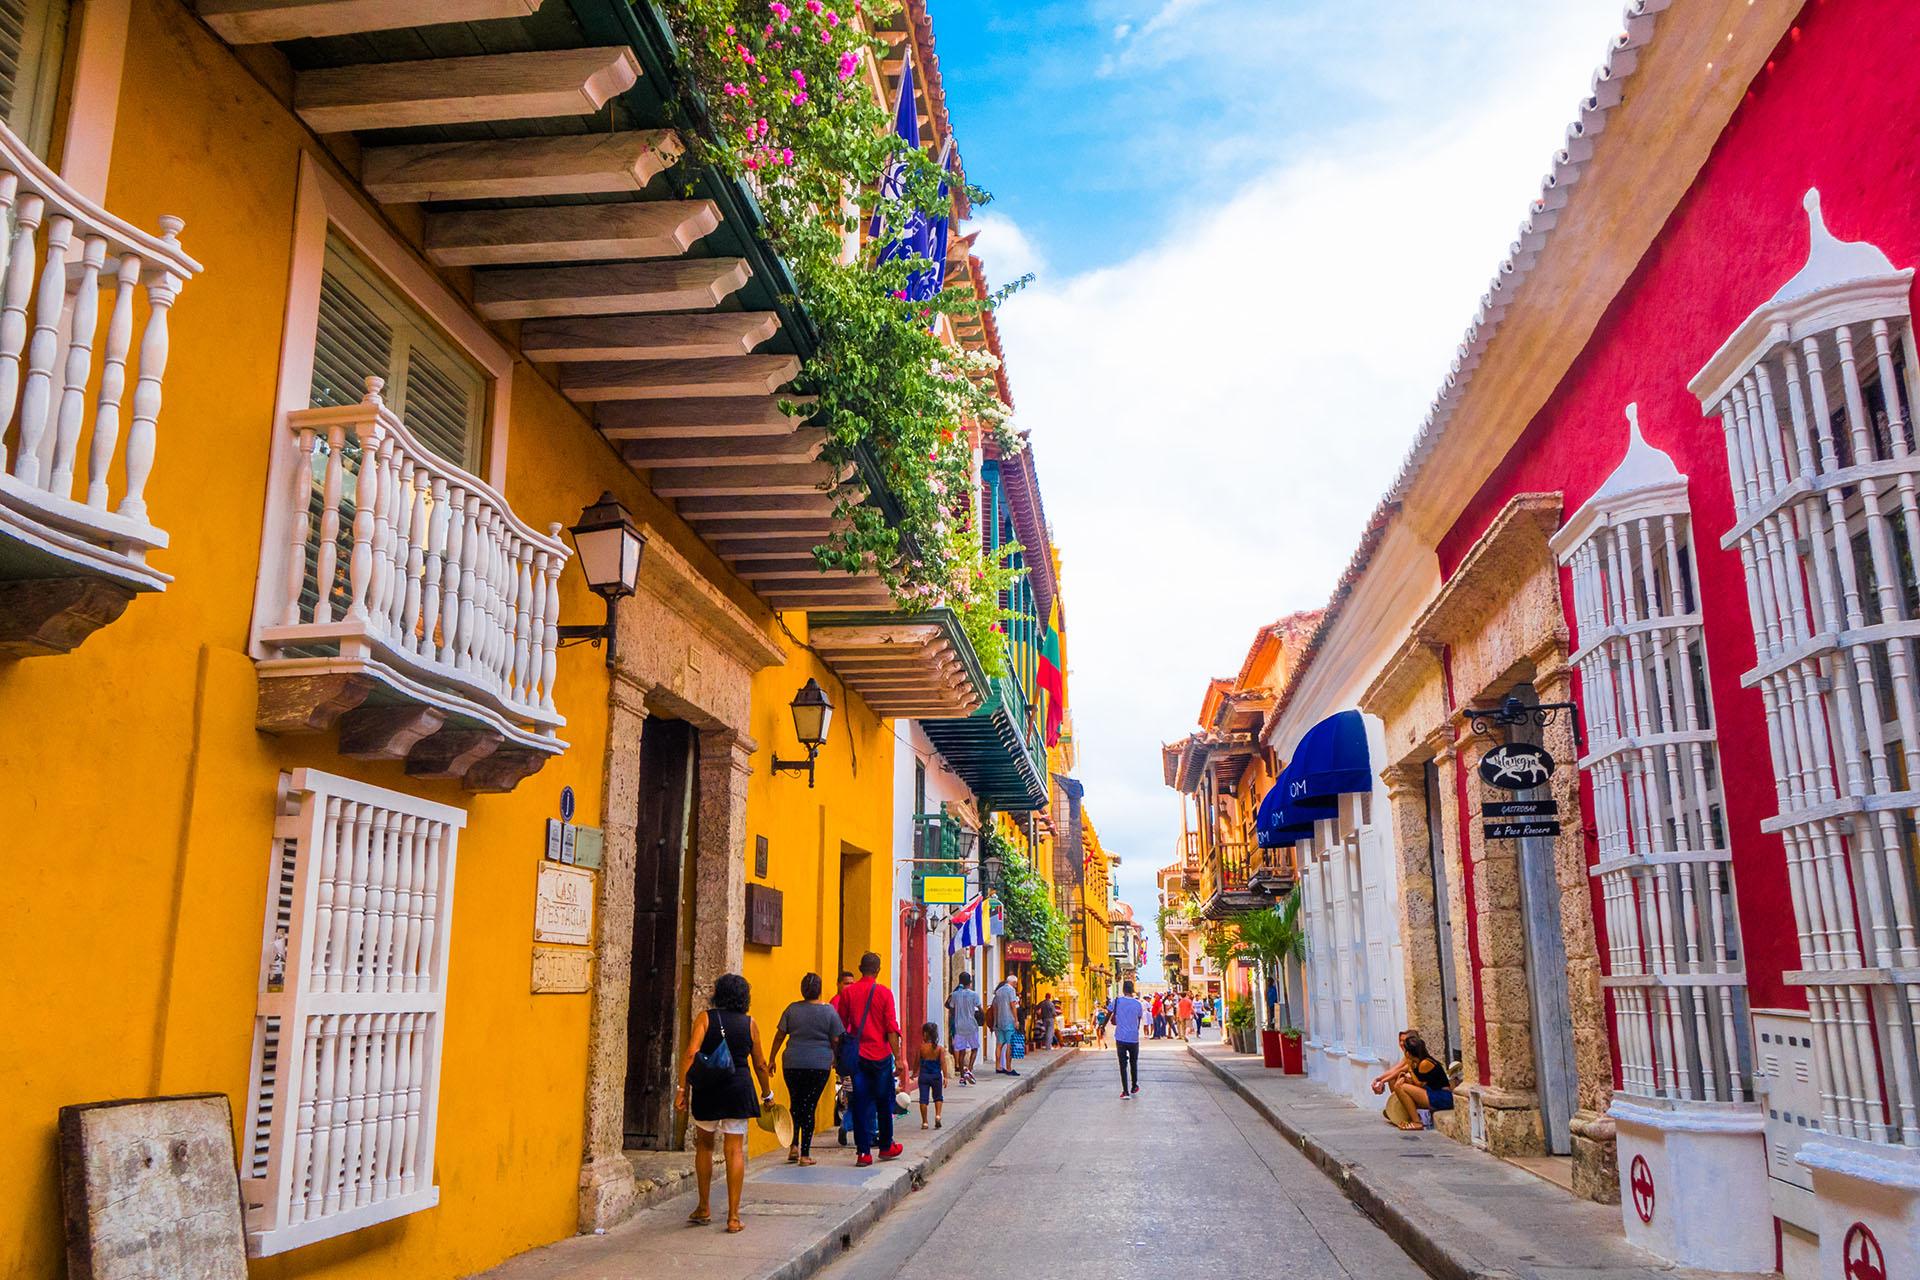 Ubicado frente al Mar Caribe, Cartagena es ideal para caminar entre sus calles y descubrir la fantástica historia del lugar. Llegar a la Catedral de Cartagena y también Castillo de San Felipe